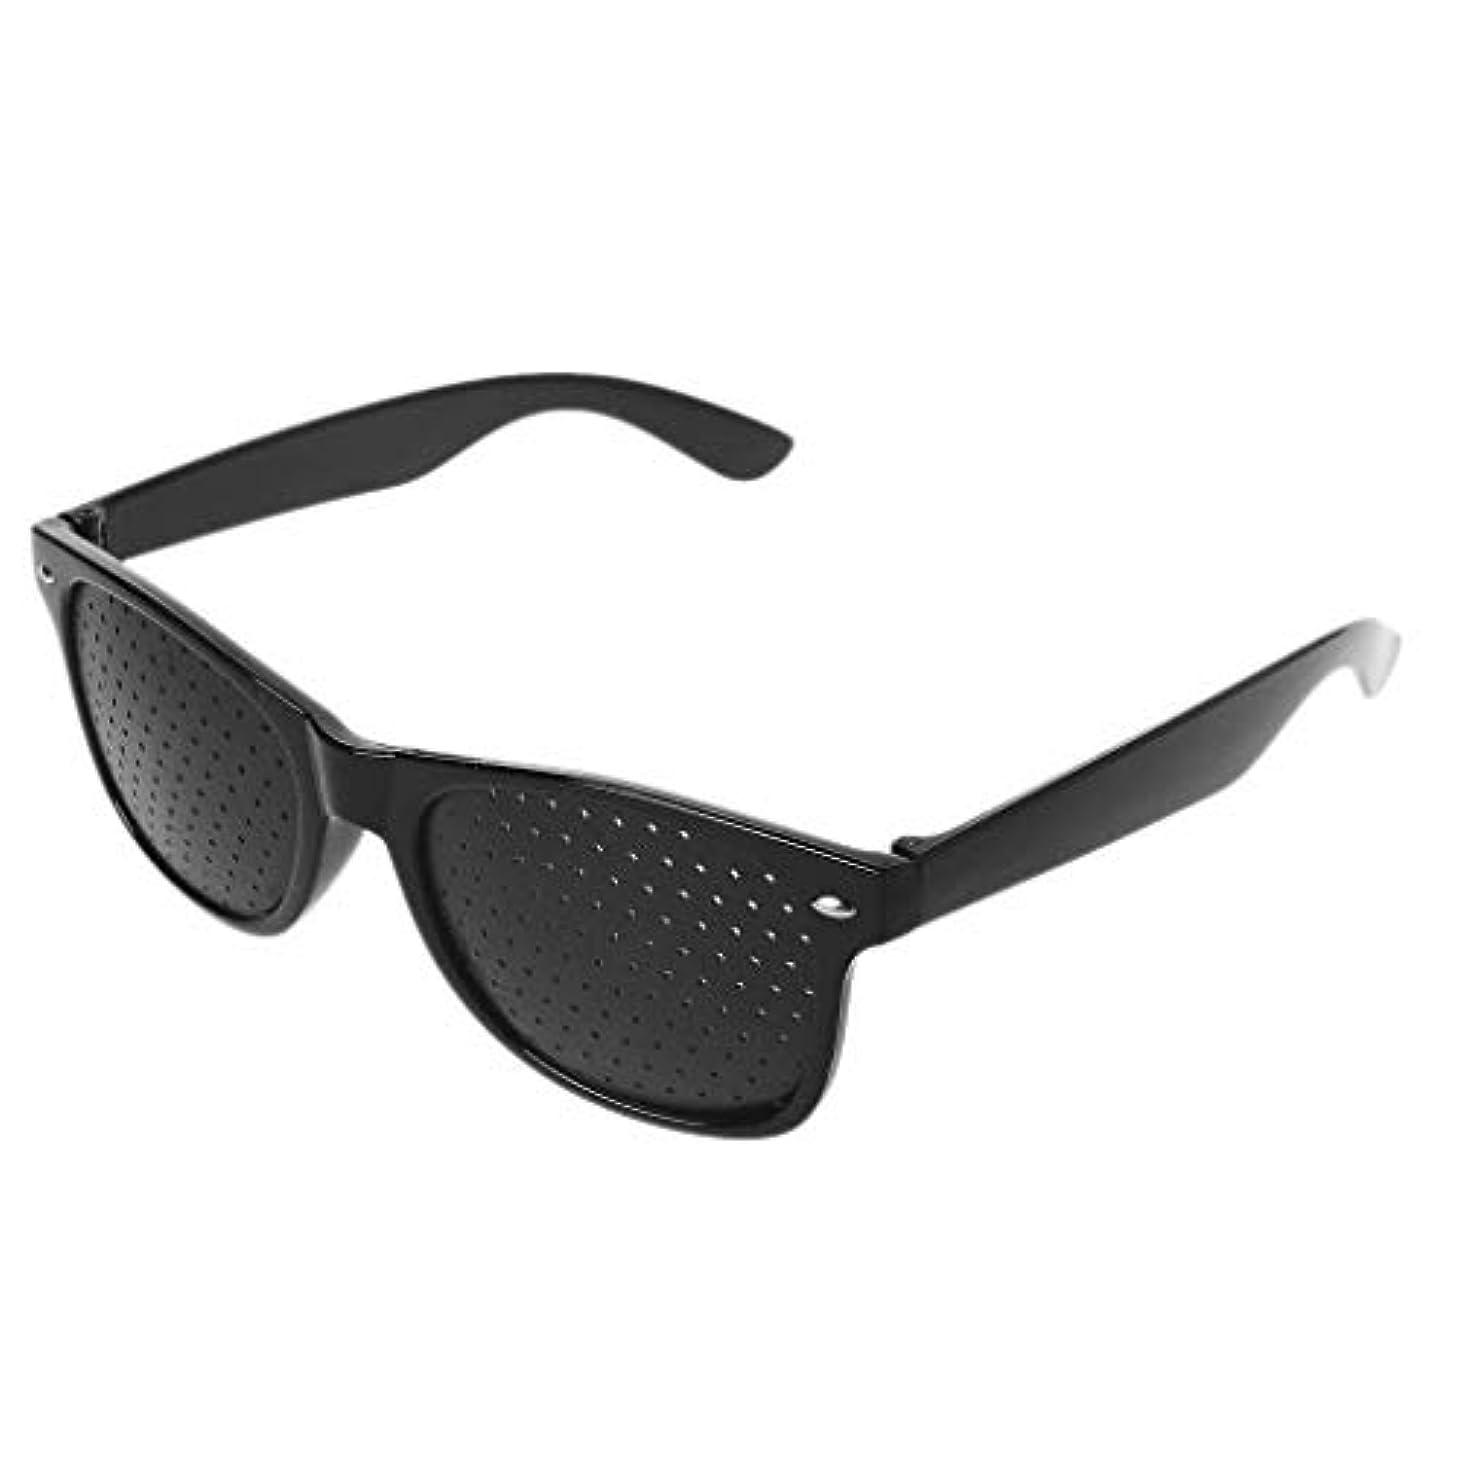 合わせて差マラソンピンホールメガネ、アイズエクササイズアイサイトビジョンメガネの改善ビジョンケアメガネ近視の防止メガネの改善